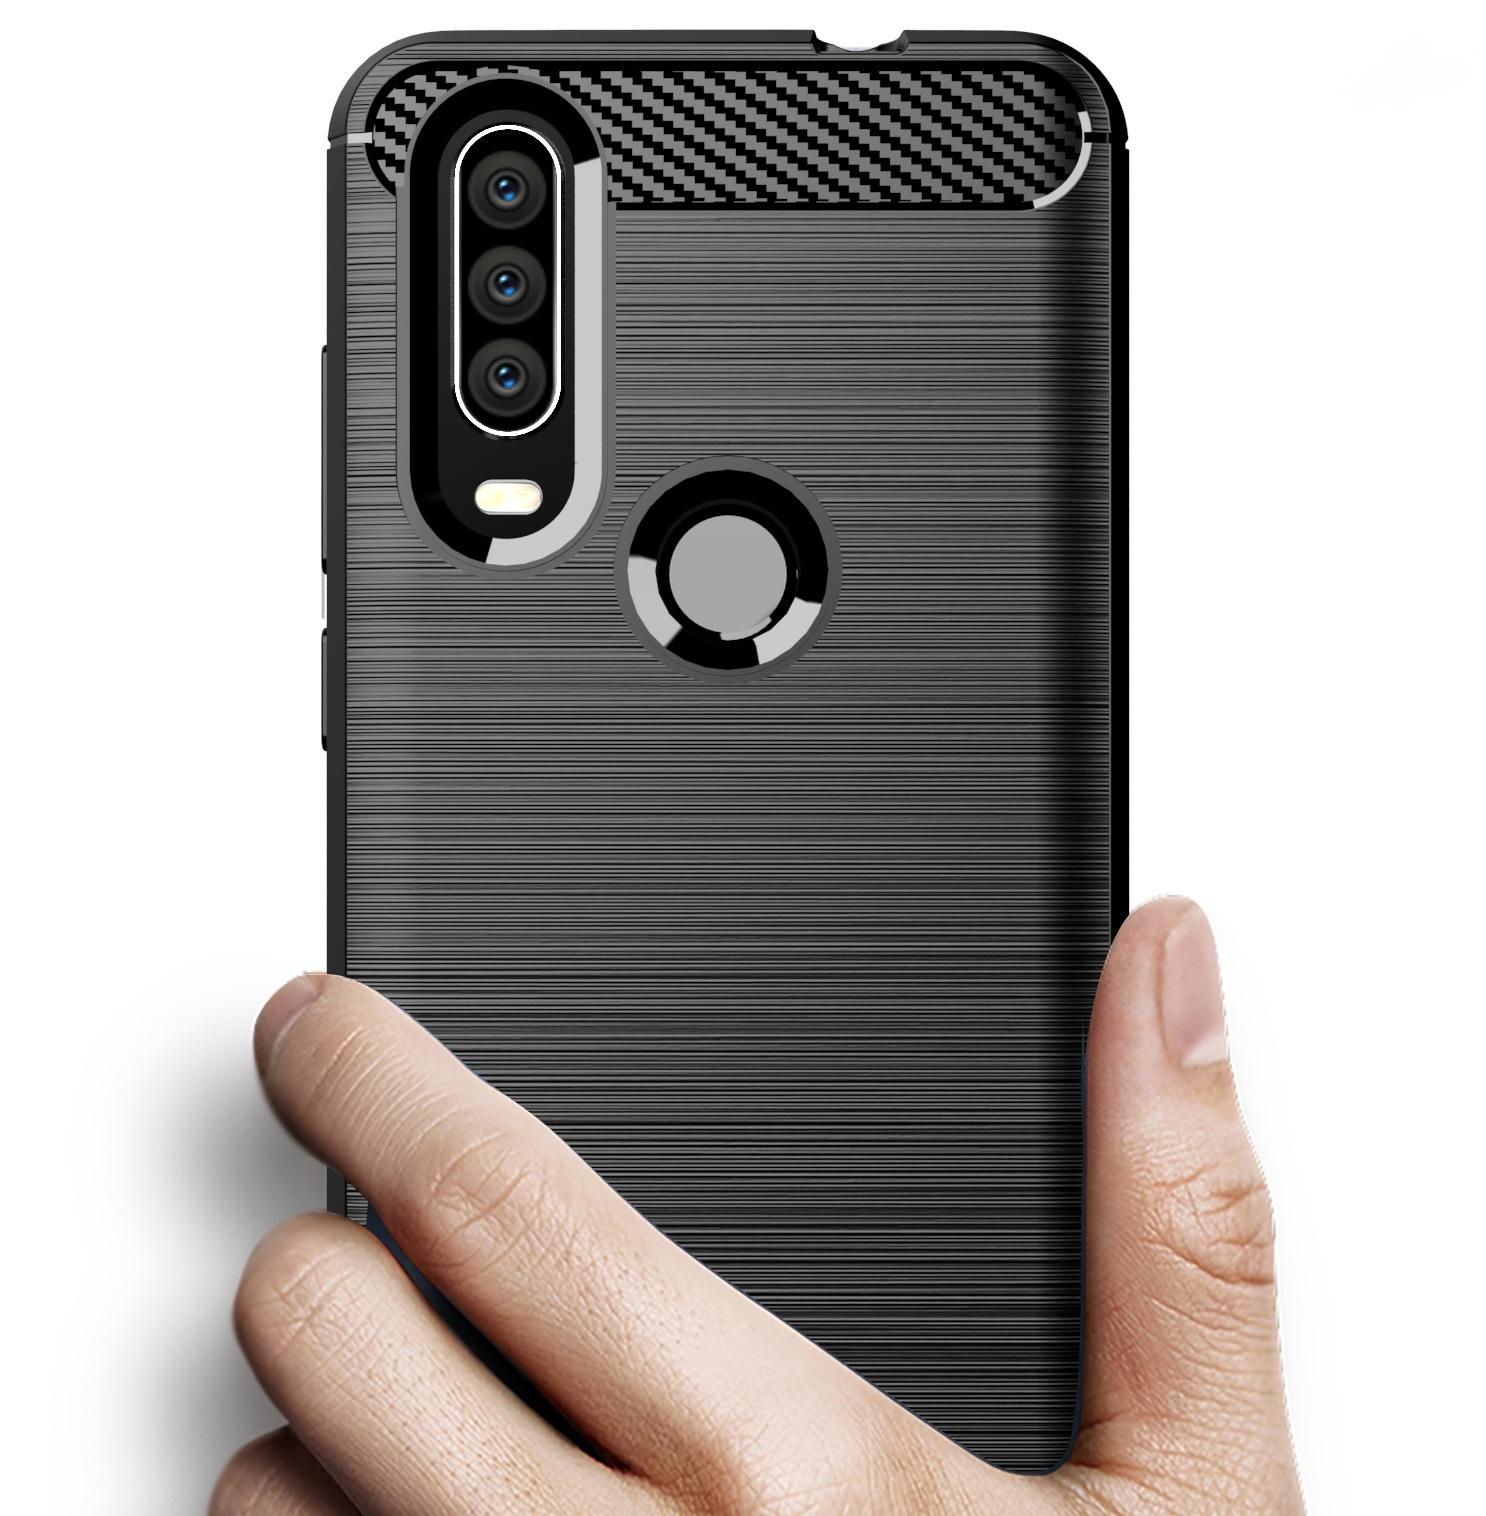 Чехол Motorola Moto One Action (P40 Power) цвет Black (черный), серия Carbon, Caseport